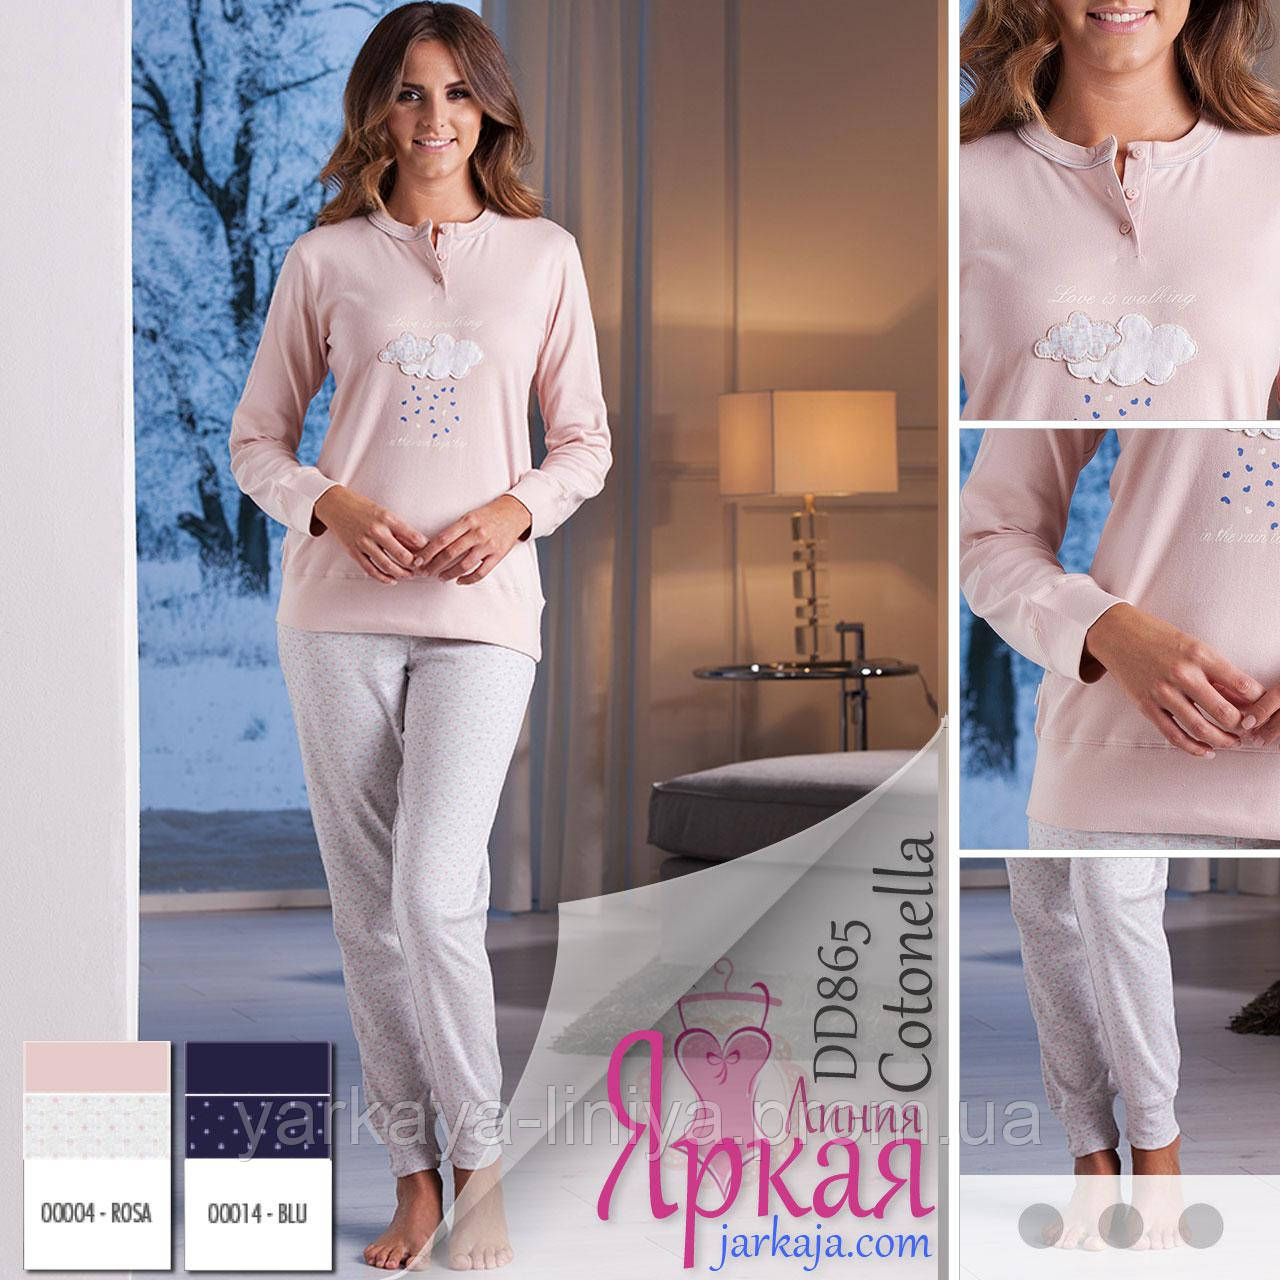 8858e073e2a Домашняя одежда для женщин Cotonella™ - Товары и услуги для життя